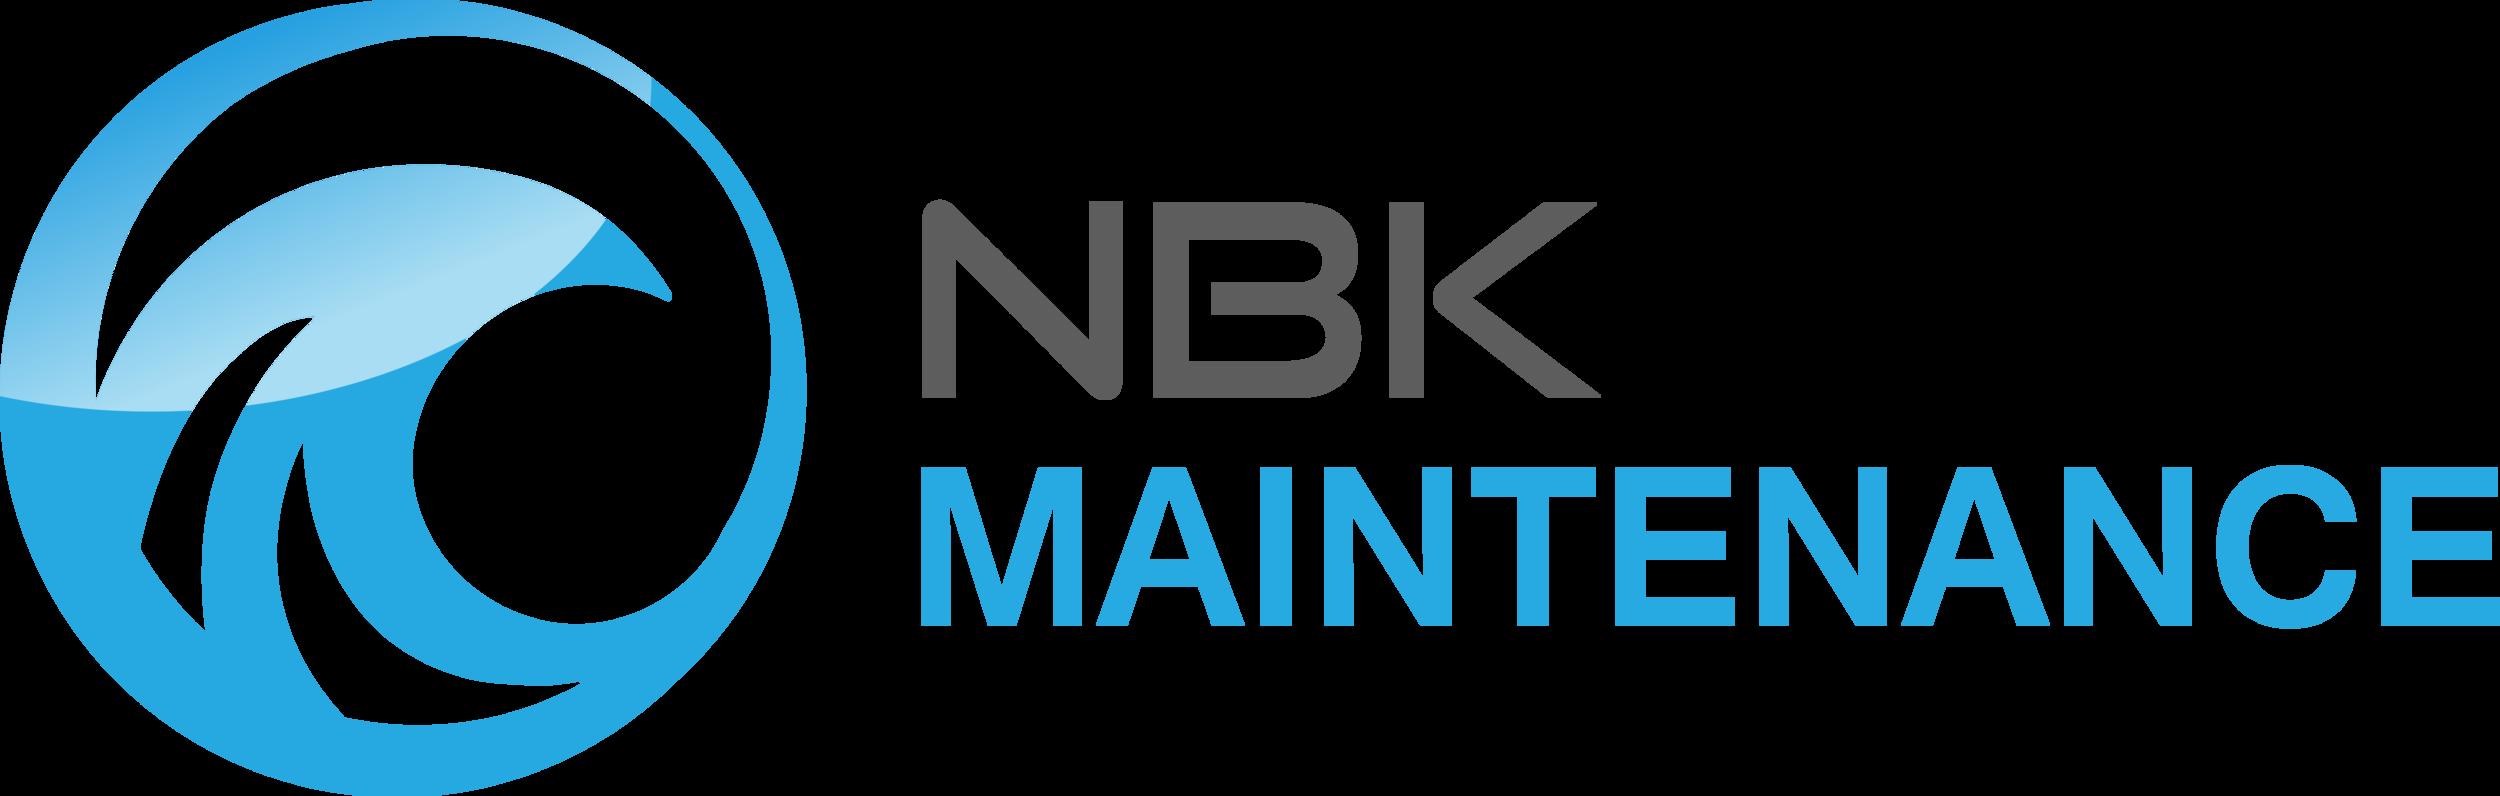 NBK Maintenance